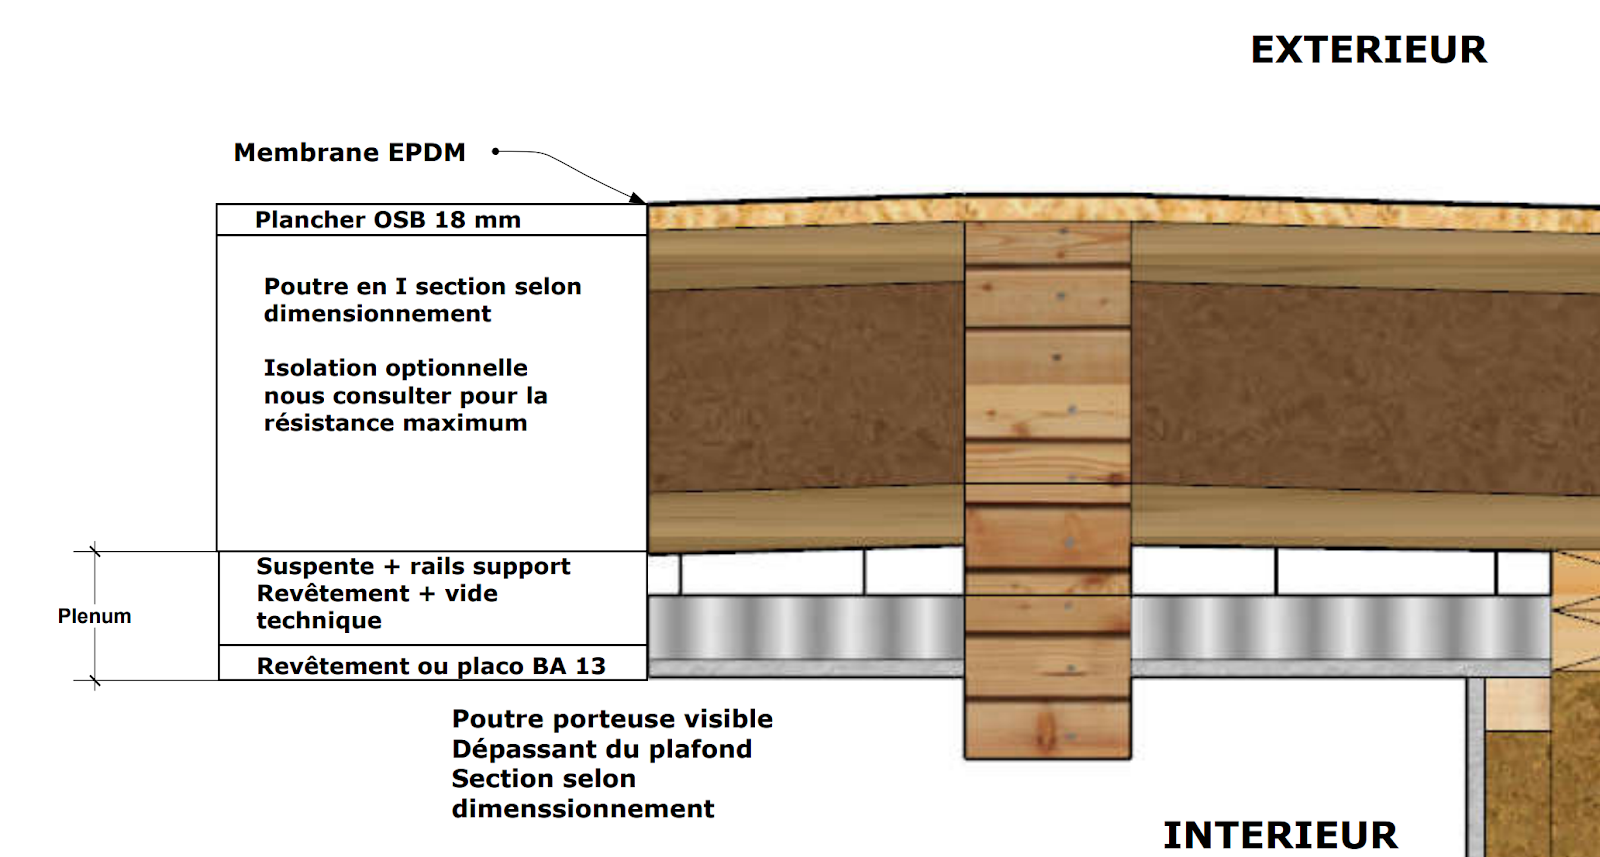 Extension De Toit Terrasse Comment Bien Choisir Sa Toiture Terrasse